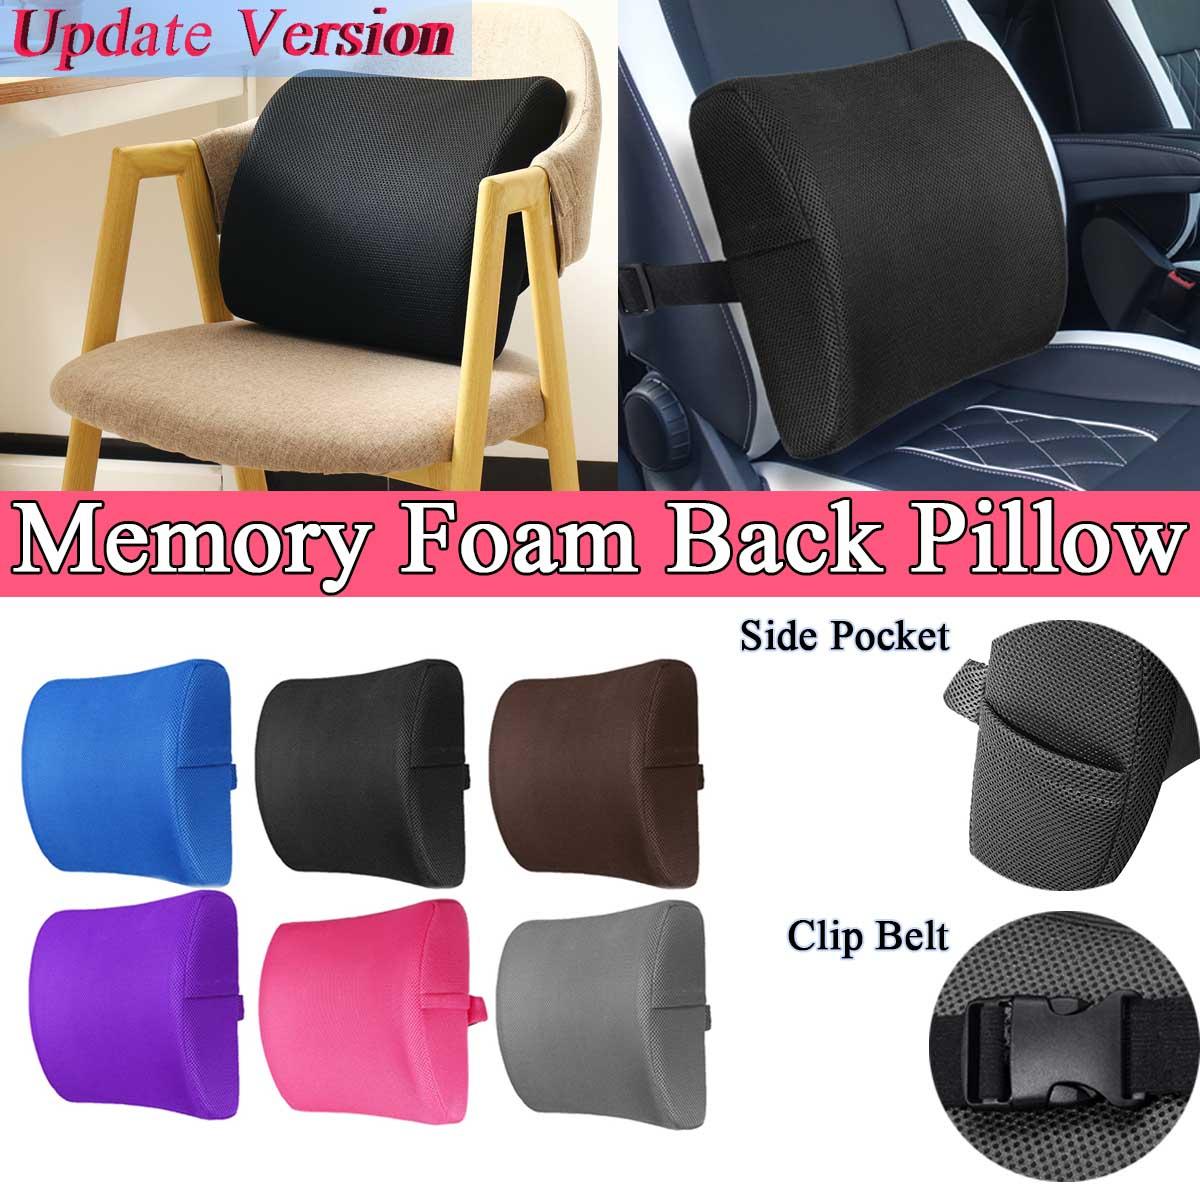 6 สี Soft Memory Foam รถที่นั่งฤดูหนาวหมอน Lumbar Support Back Massager เอวเบาะสำหรับเก้าอี้บ้านสำนักงานบรรเทาปวด